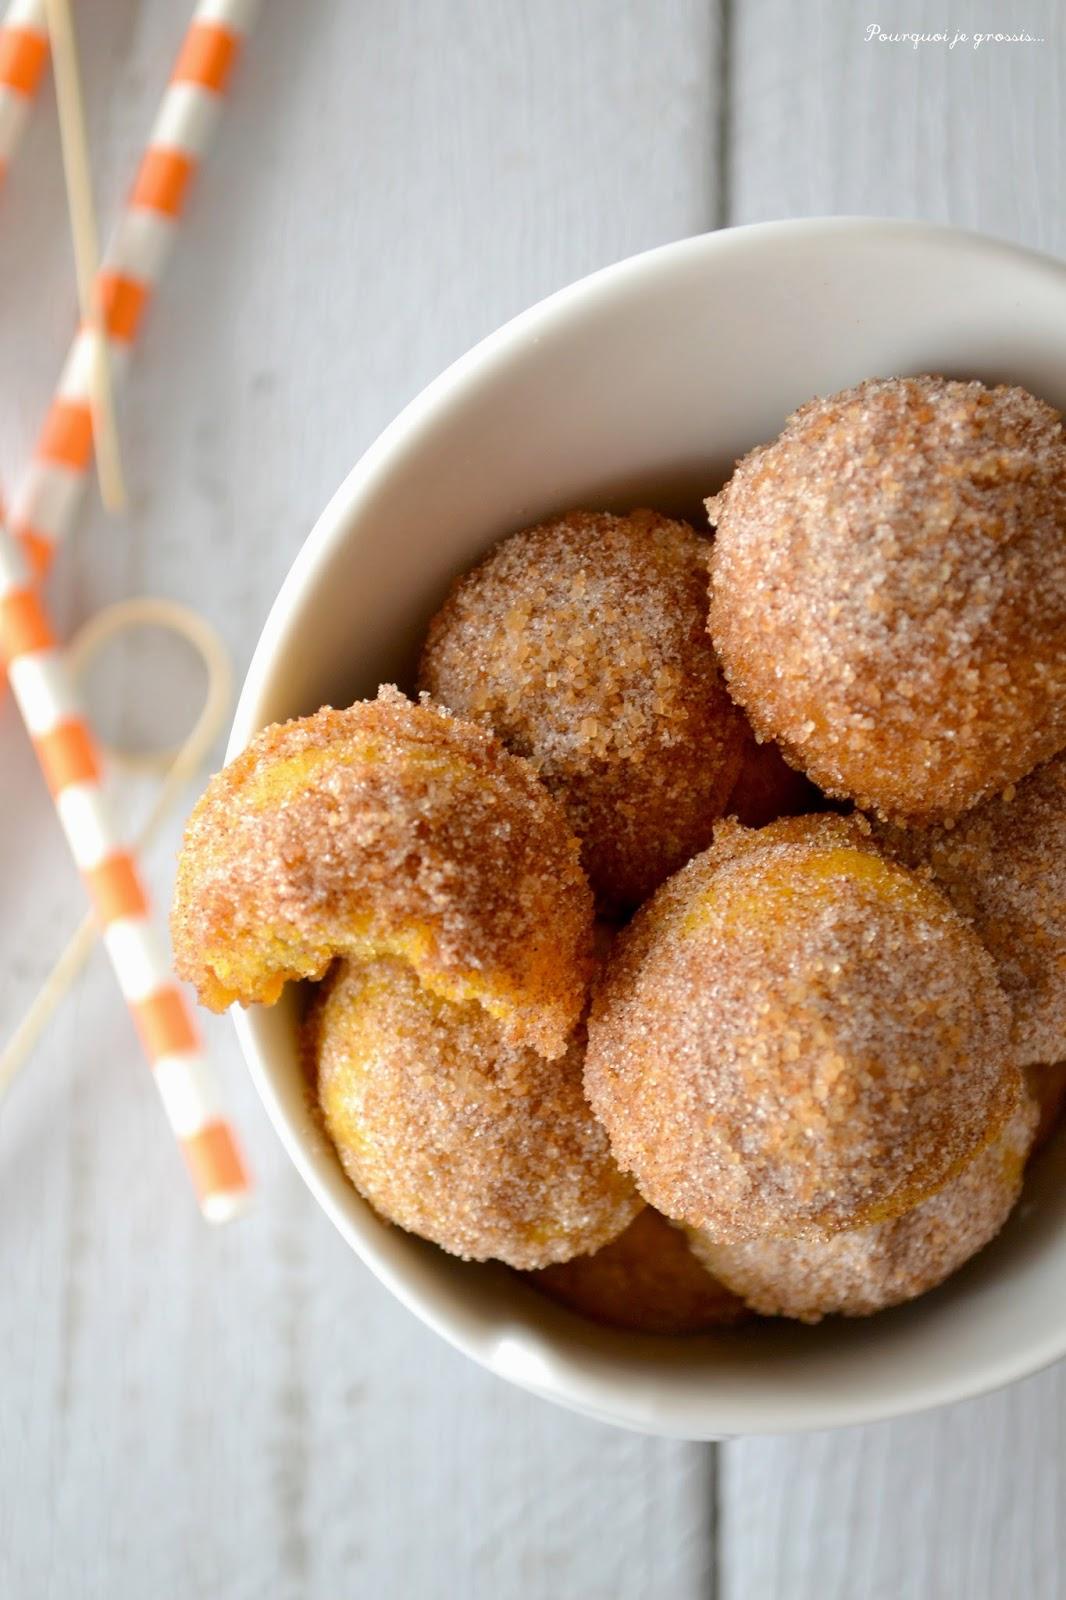 Pourquoi je grossis donut holes au potimarron aux for Pourquoi je grossis